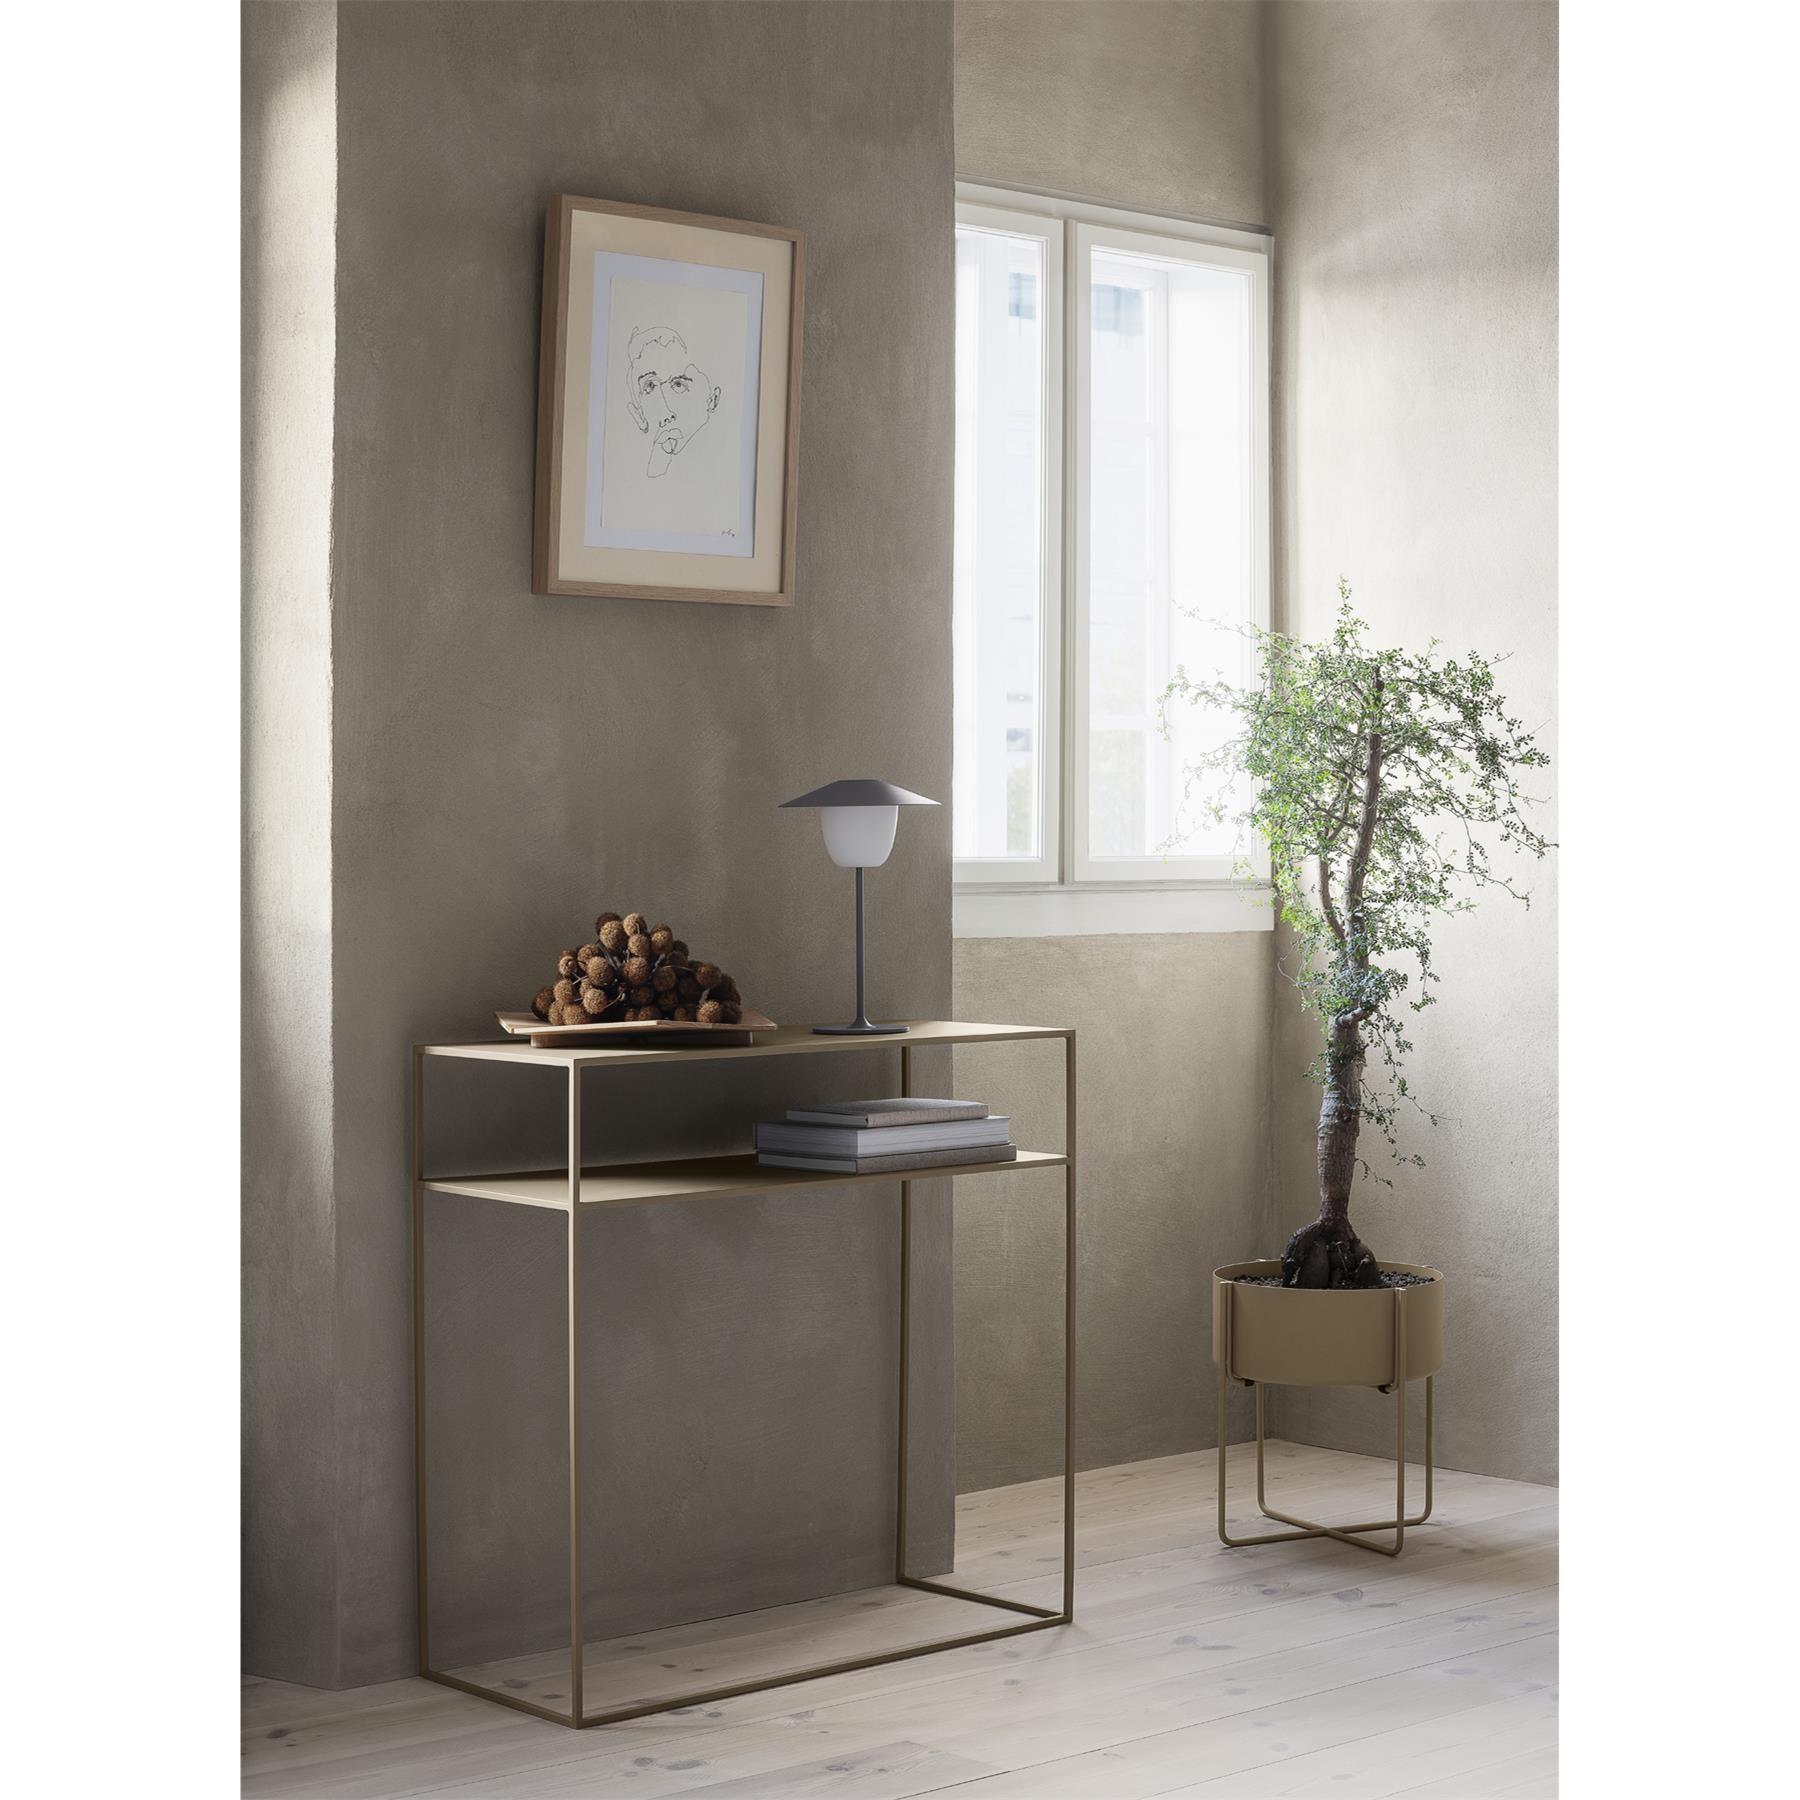 Stolek ke zdi FERA 80 cm kovově šedý_0